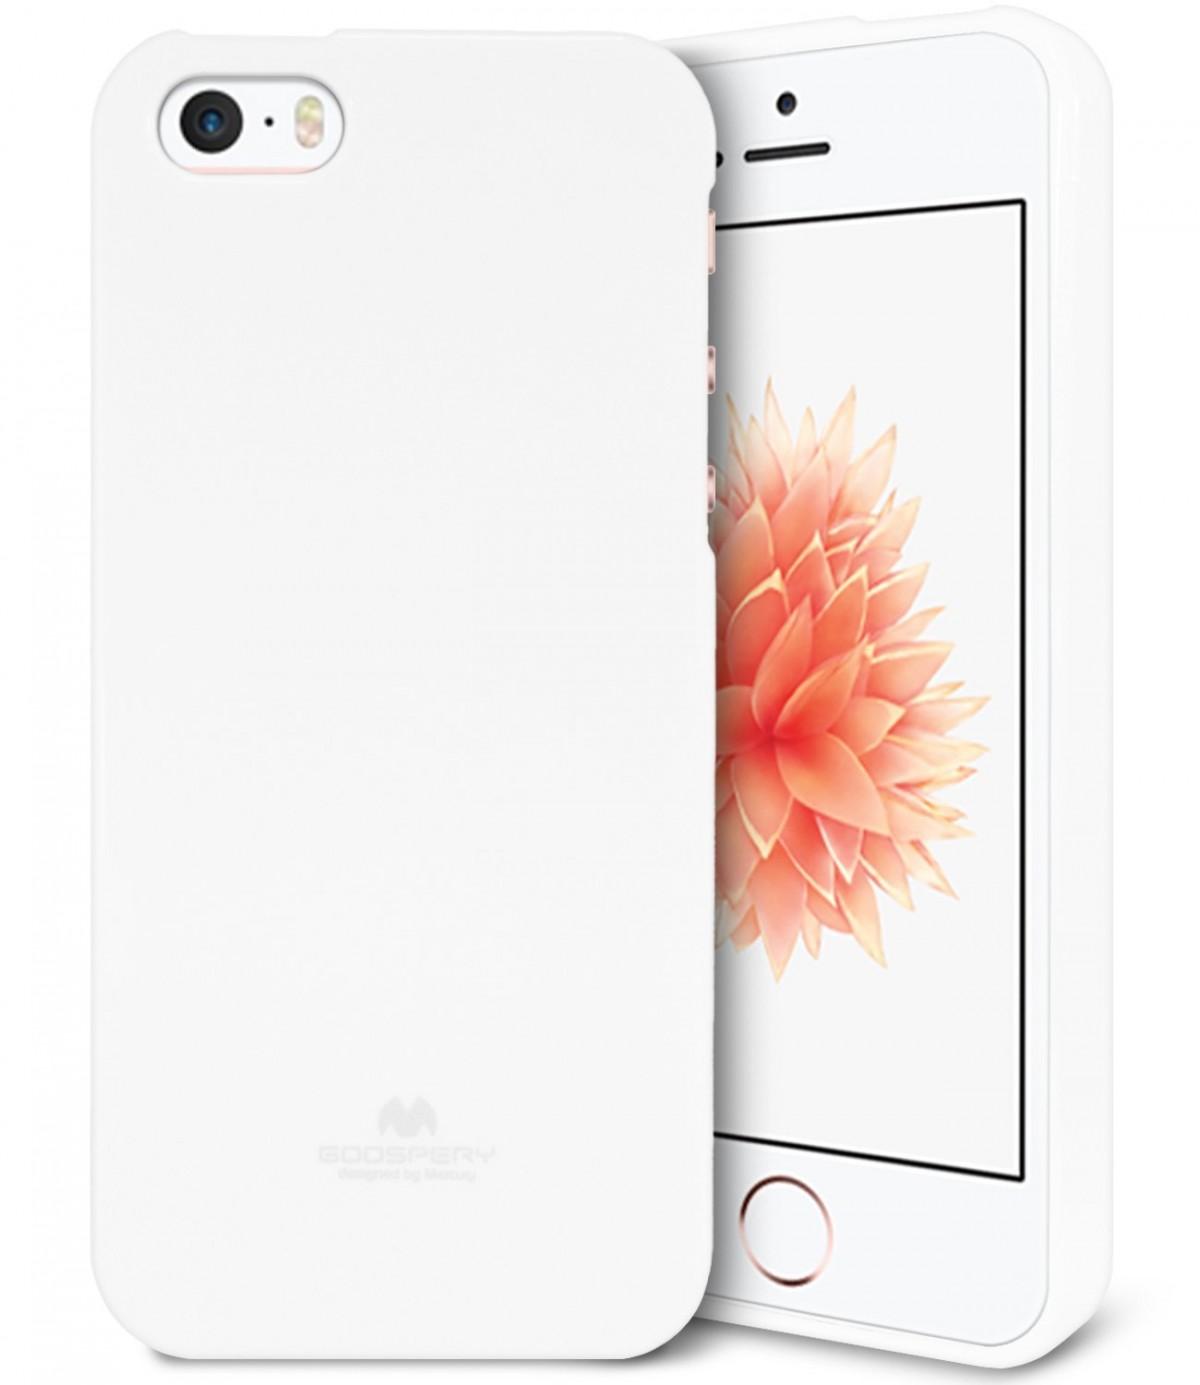 Silikonové obaly / kryty Goospery Mercury pro Apple iPhone SE / 5s / 5c / 5 - Bílý / Jet White